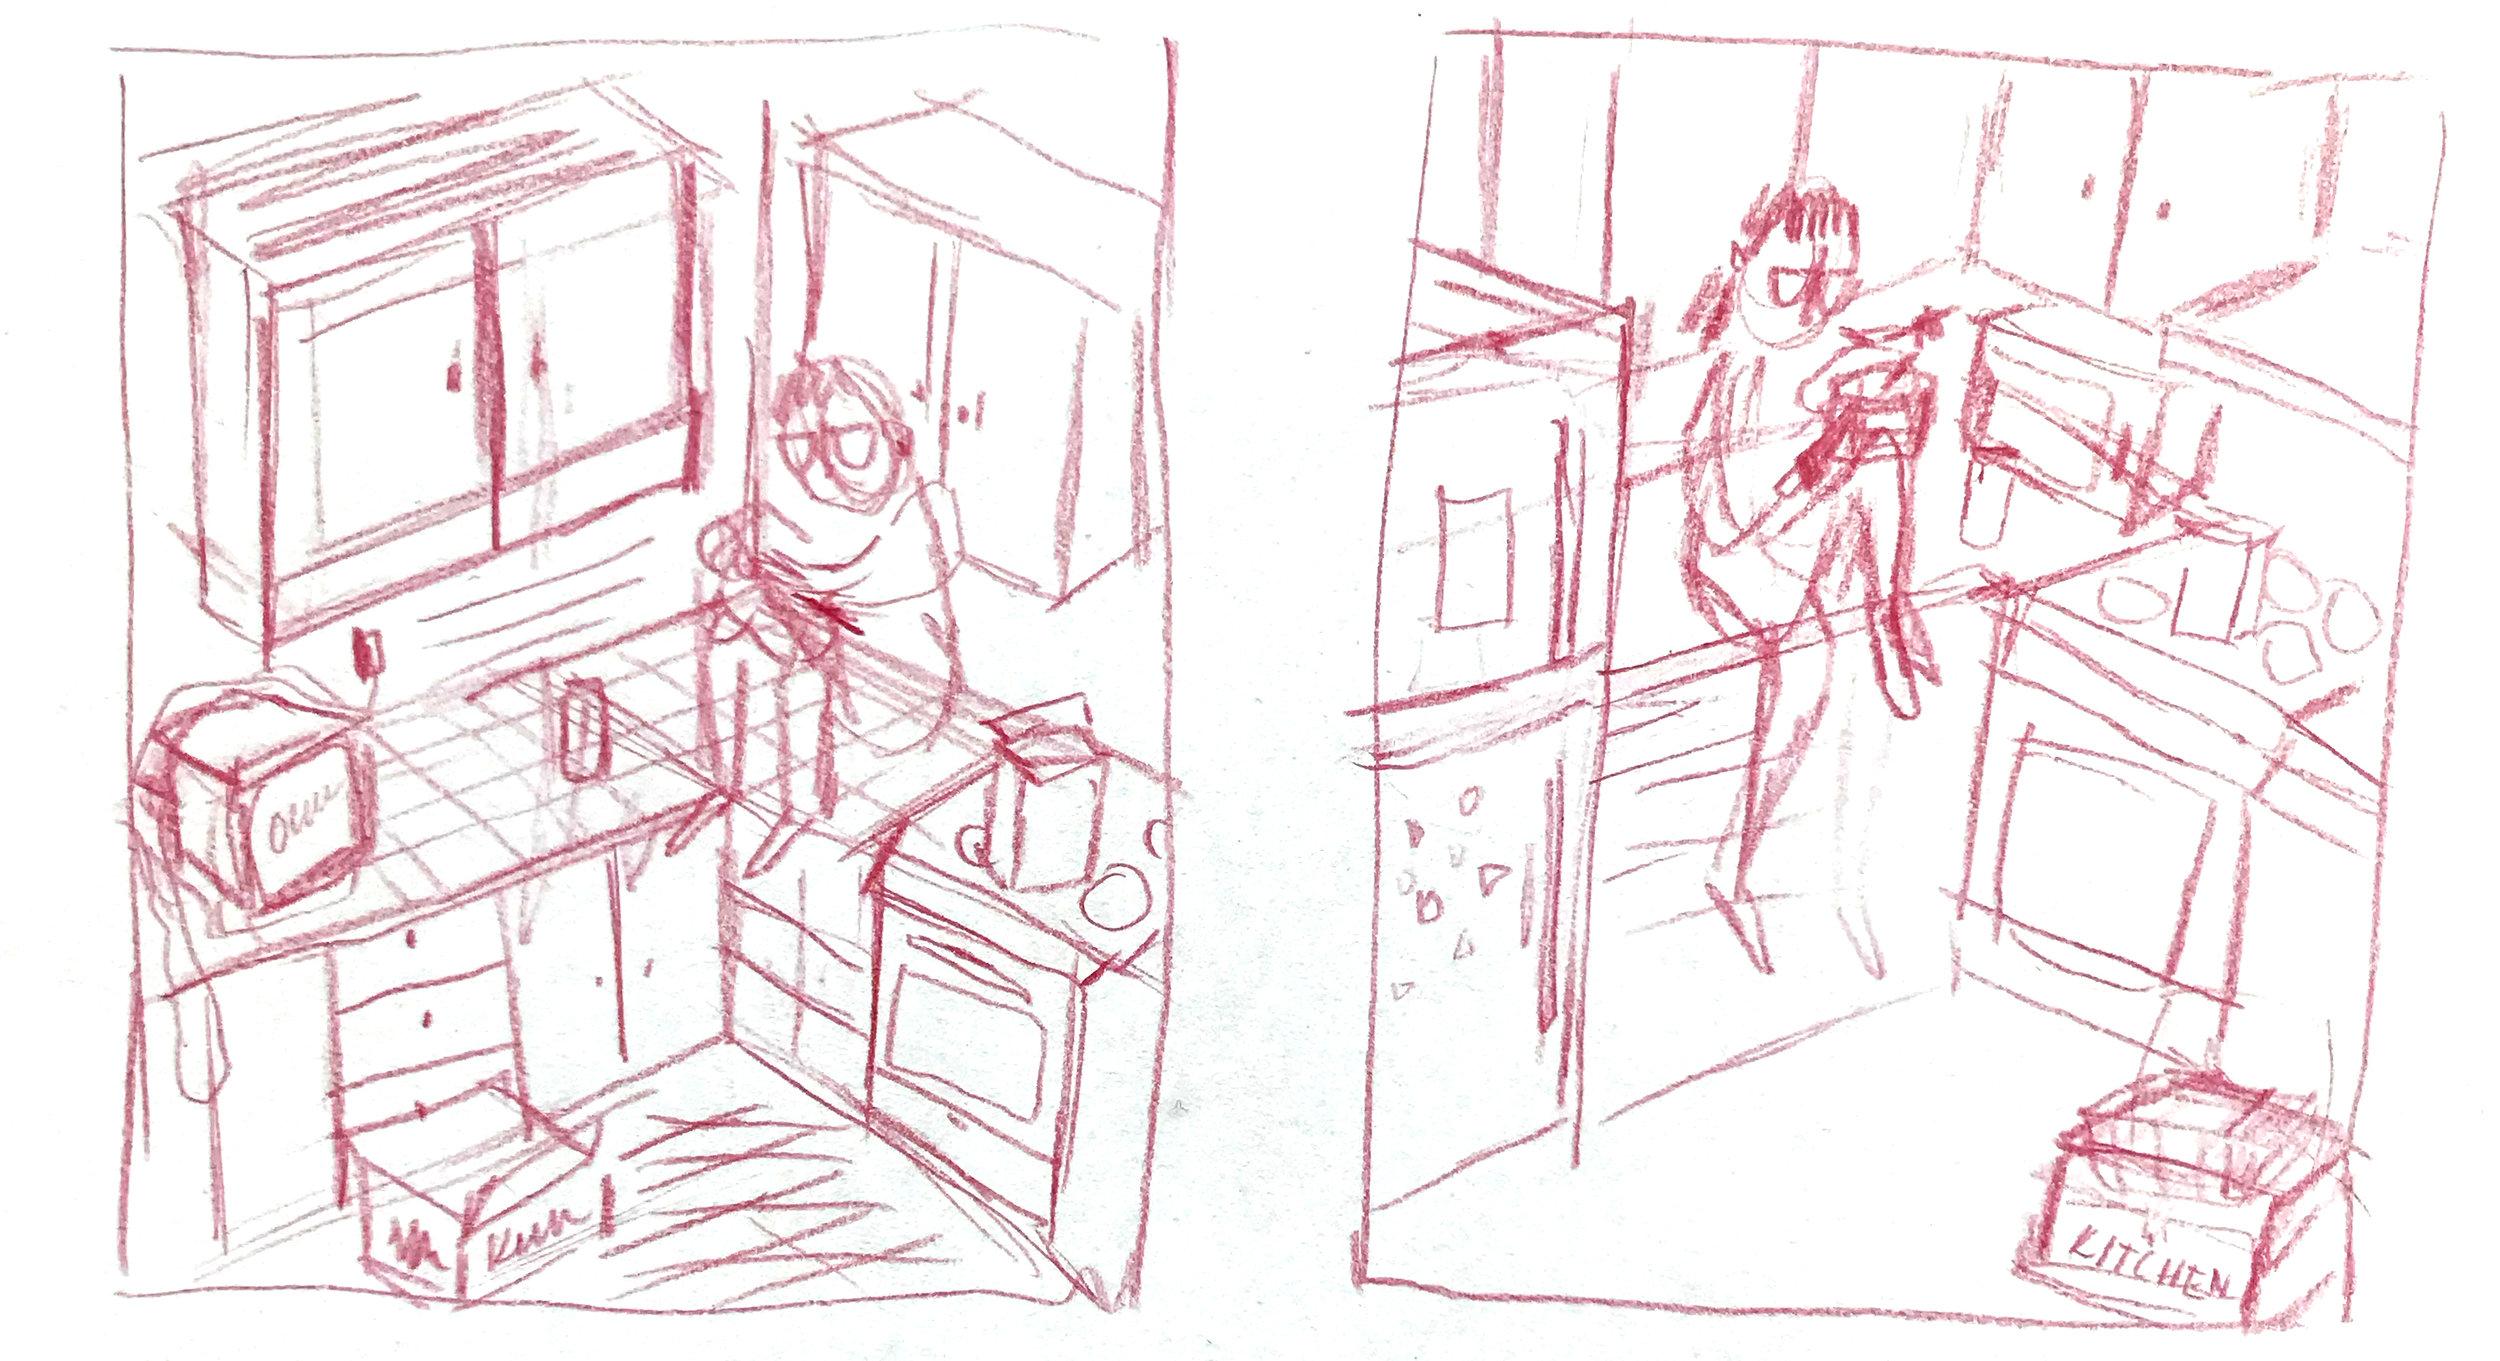 Thumbnail layouts